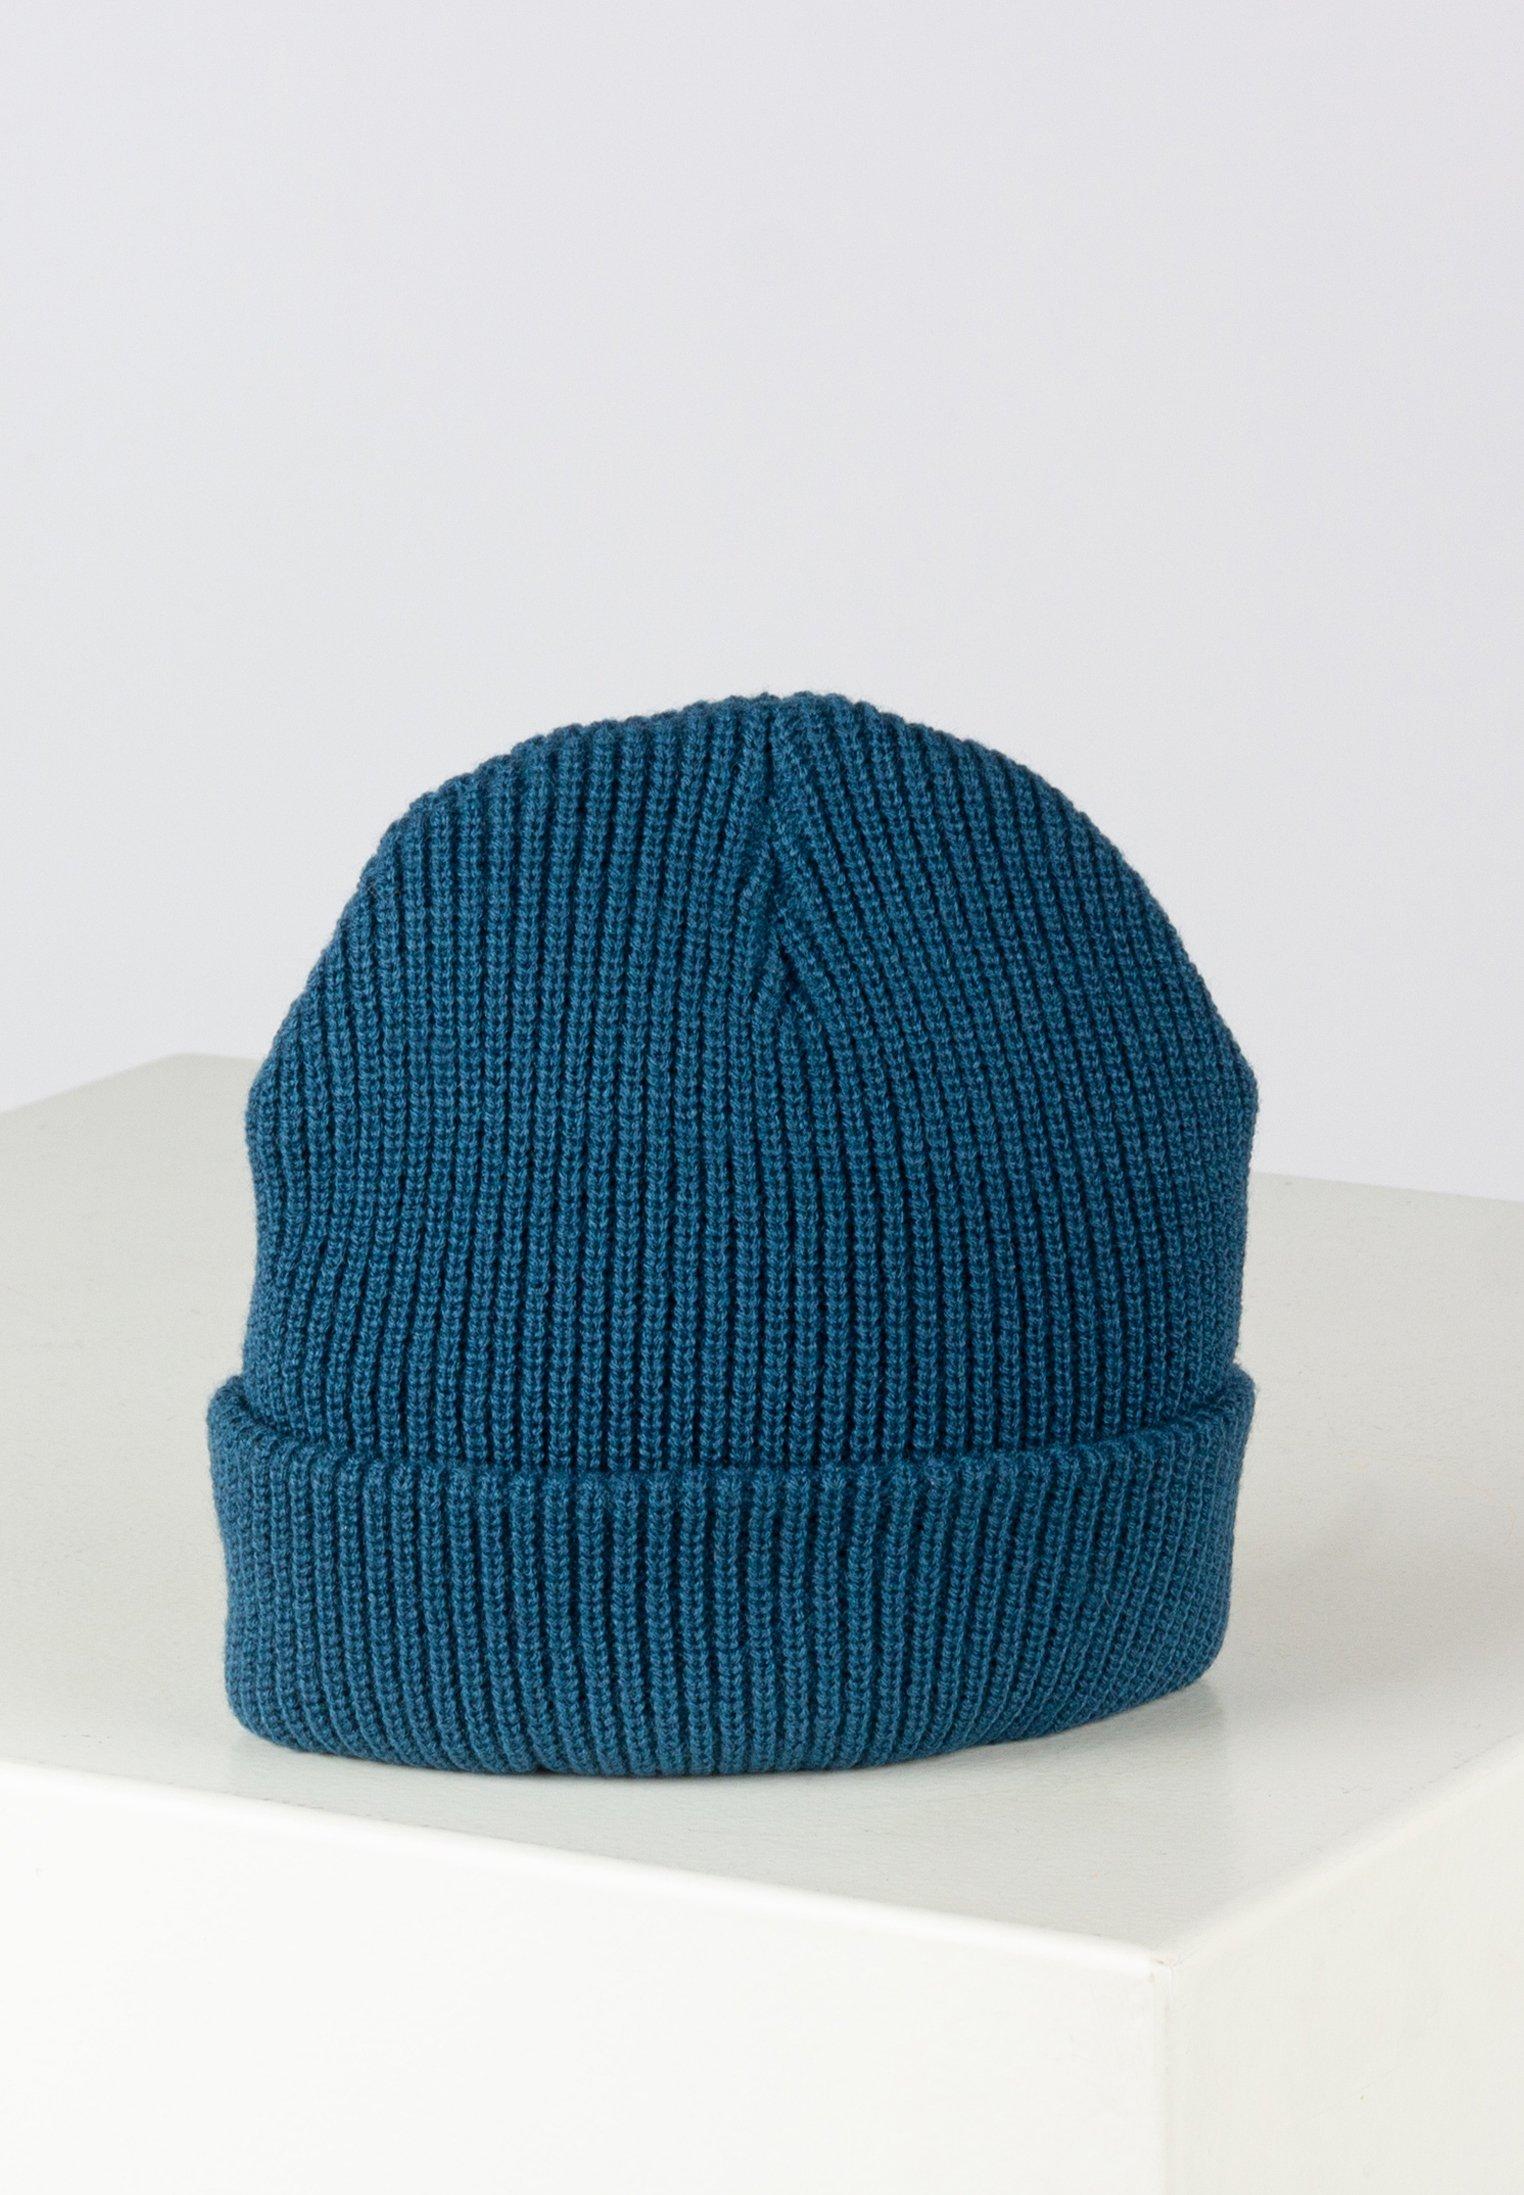 Brixton Mütze - Captain Blue/blau